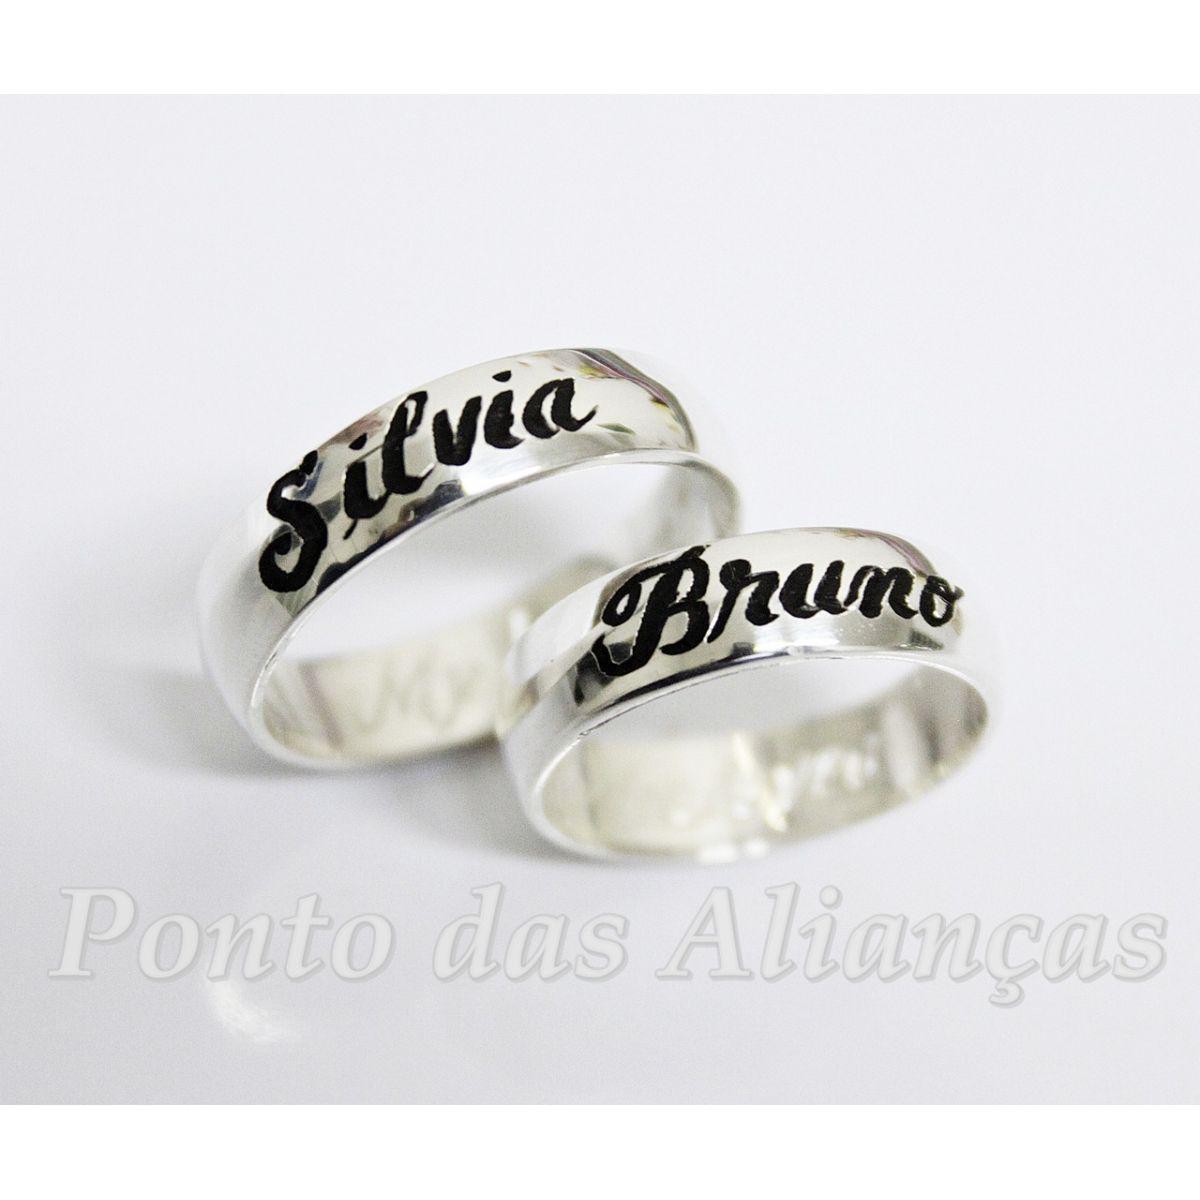 Alianças de Prata Compromisso  - 915